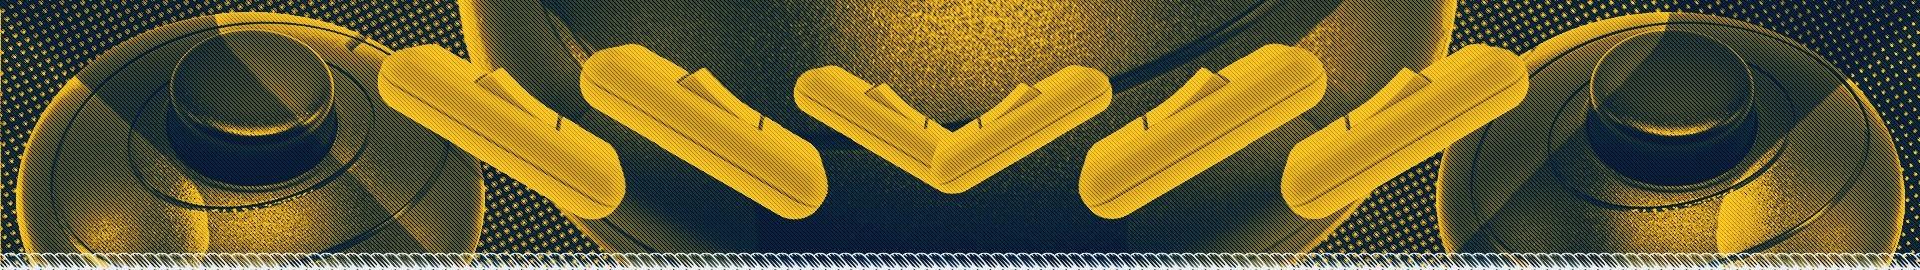 Composants pour le luminaire - Lumière et Déco